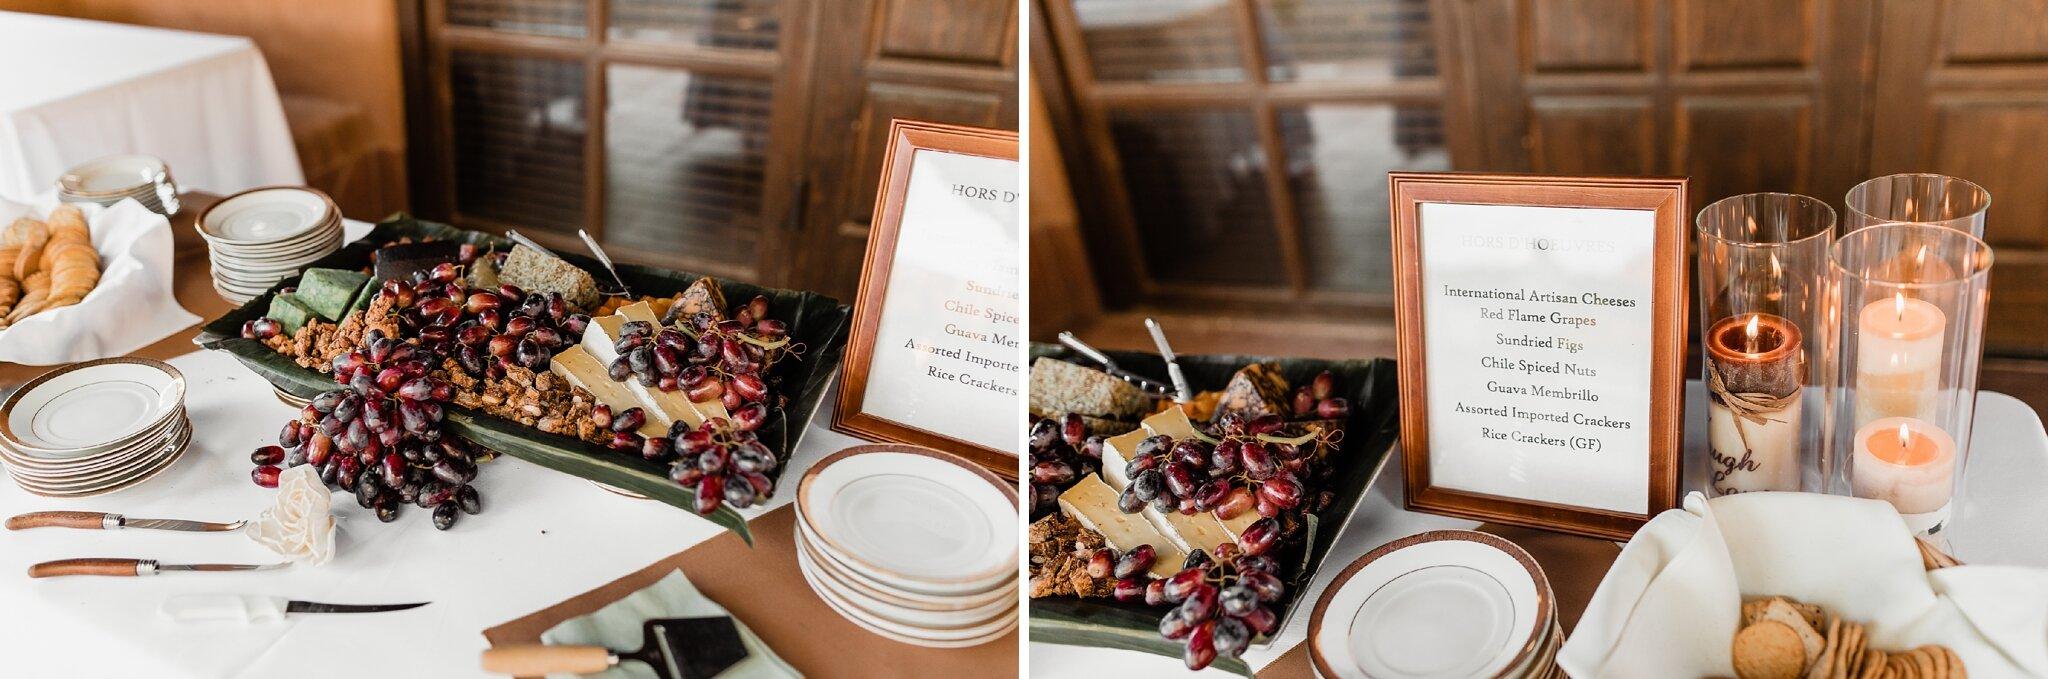 Alicia+lucia+photography+-+albuquerque+wedding+photographer+-+santa+fe+wedding+photography+-+new+mexico+wedding+photographer+-+new+mexico+wedding+-+wedding+-+santa+fe+wedding+-+ghost+ranch+-+ghost+ranch+wedding+-+fall+wedding_0072.jpg